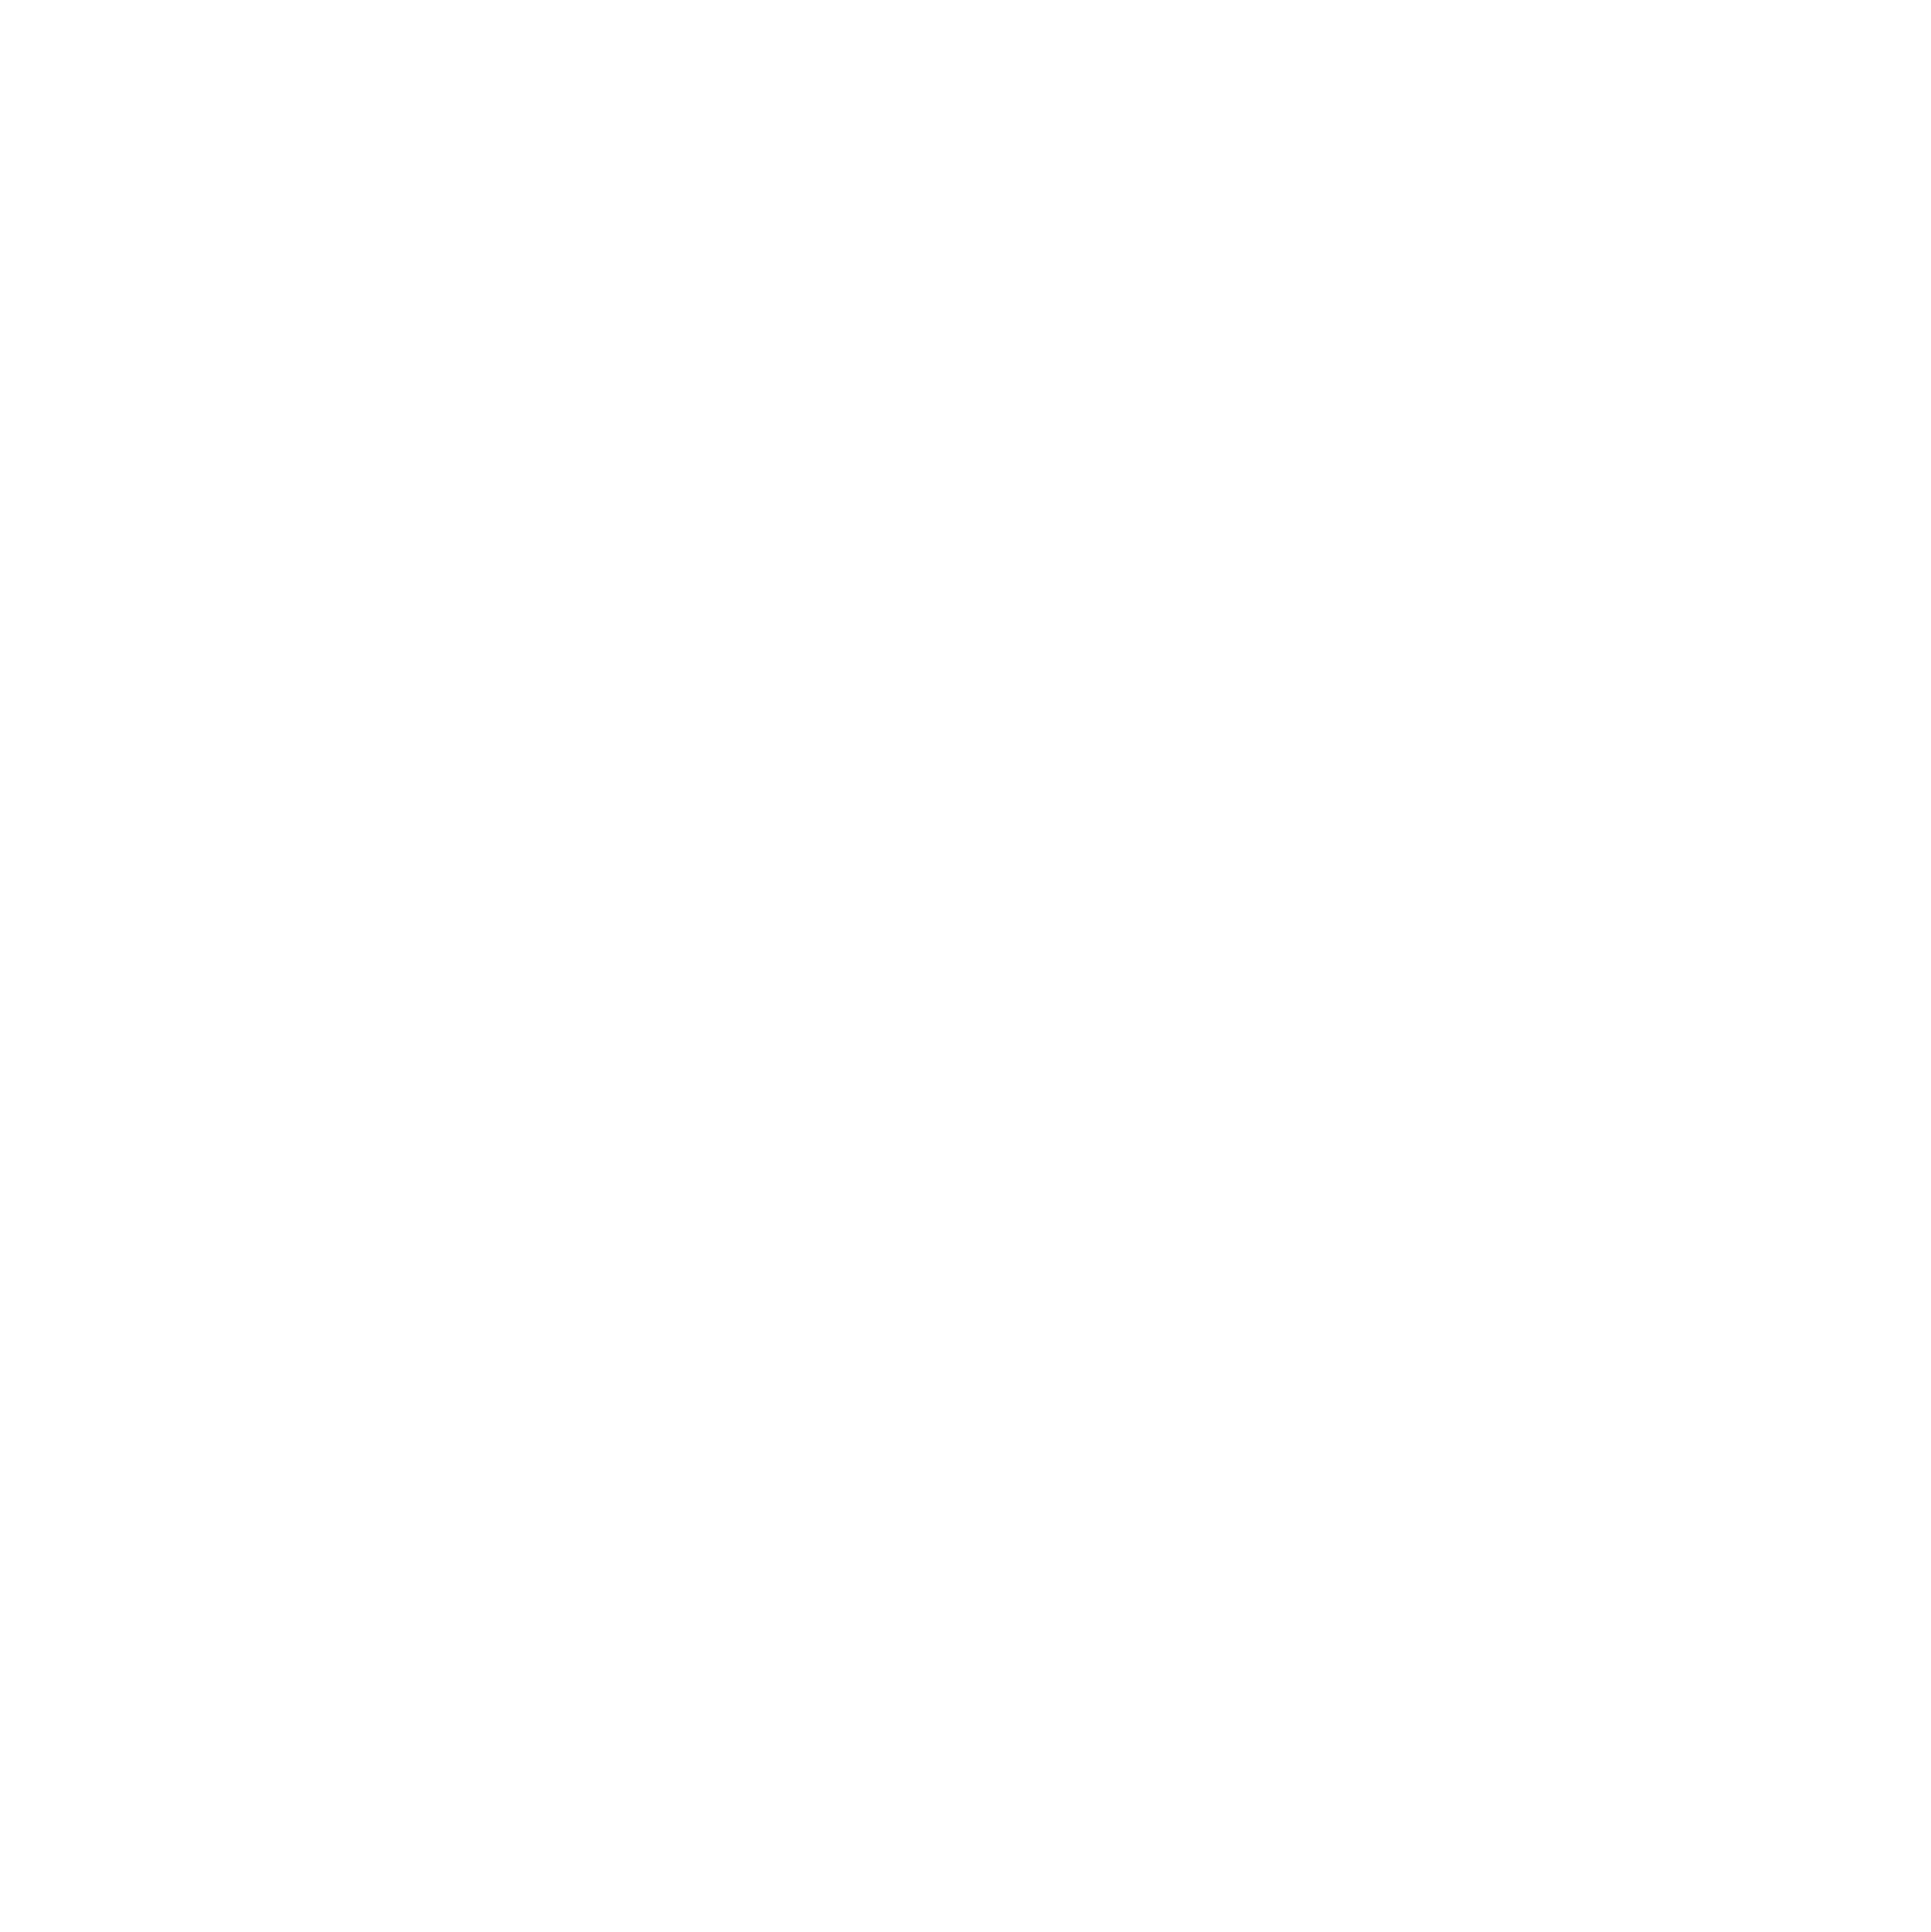 Giá cả hợp lý